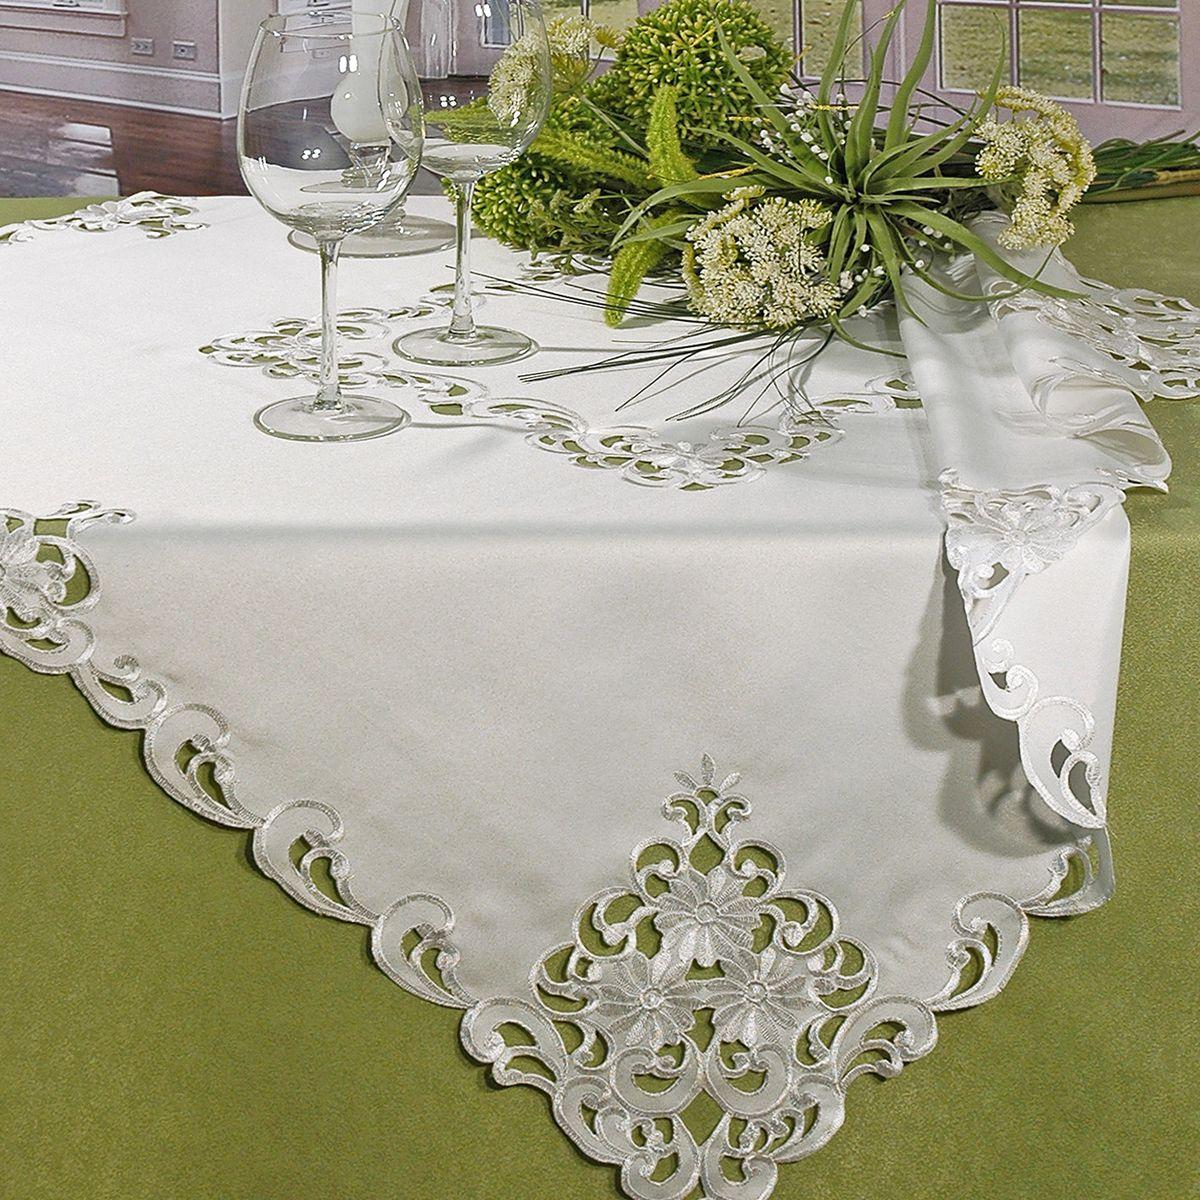 Скатерть Schaefer, квадратная, цвет: белый, 100 см х 100 см. 07195-10207195-102Квадратная скатерть Schaefer, выполненная из полиэстера, станет изысканным украшением стола. Изделие декорировано изящной перфорацией по краю. За текстилем из полиэстера очень легко ухаживать: он не мнется, не садится и быстро сохнет, легко стирается, более долговечен, чем текстиль из натуральных волокон.Изделие прекрасно послужит для ежедневного использования на кухне или в столовой, а также подойдет для торжественных случаев и семейных праздников. Стильный дизайн и качество исполнения сделают такую скатерть отличным приобретением для дома. Это текстильное изделие станет элегантным украшением интерьера!